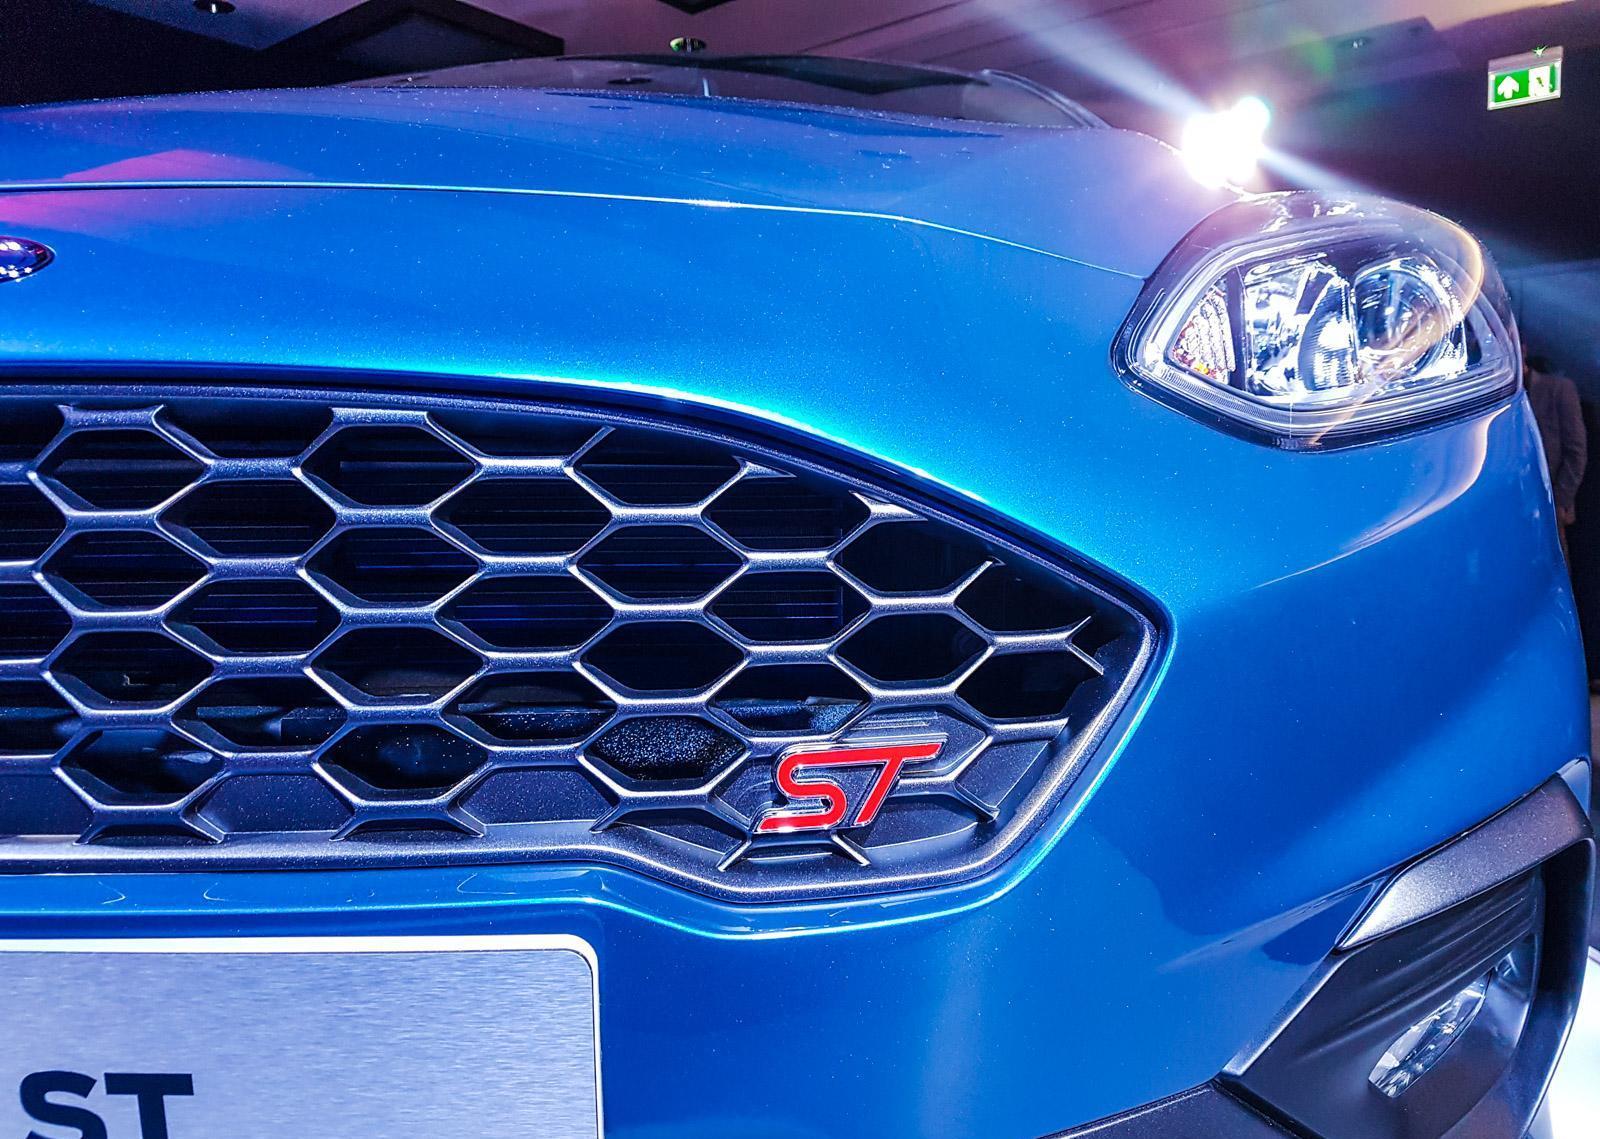 Ford Fiesta ST in Geneva 2017 (12)